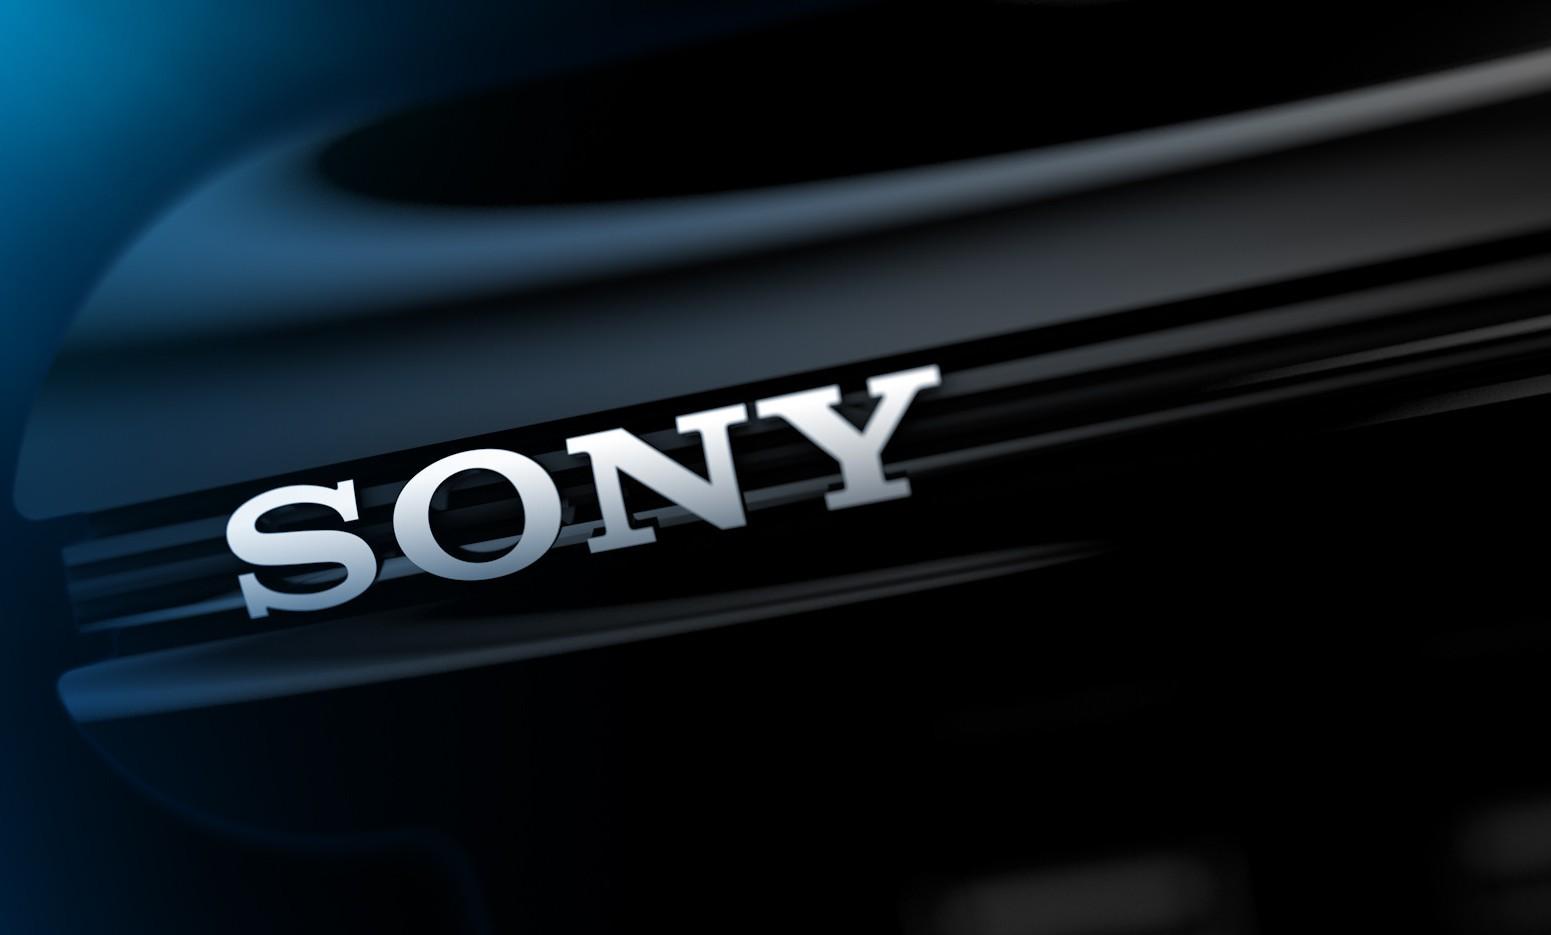 شرکت سونی از تلویزیون 4K با پشتیبانی اندروید رونمایی کرد